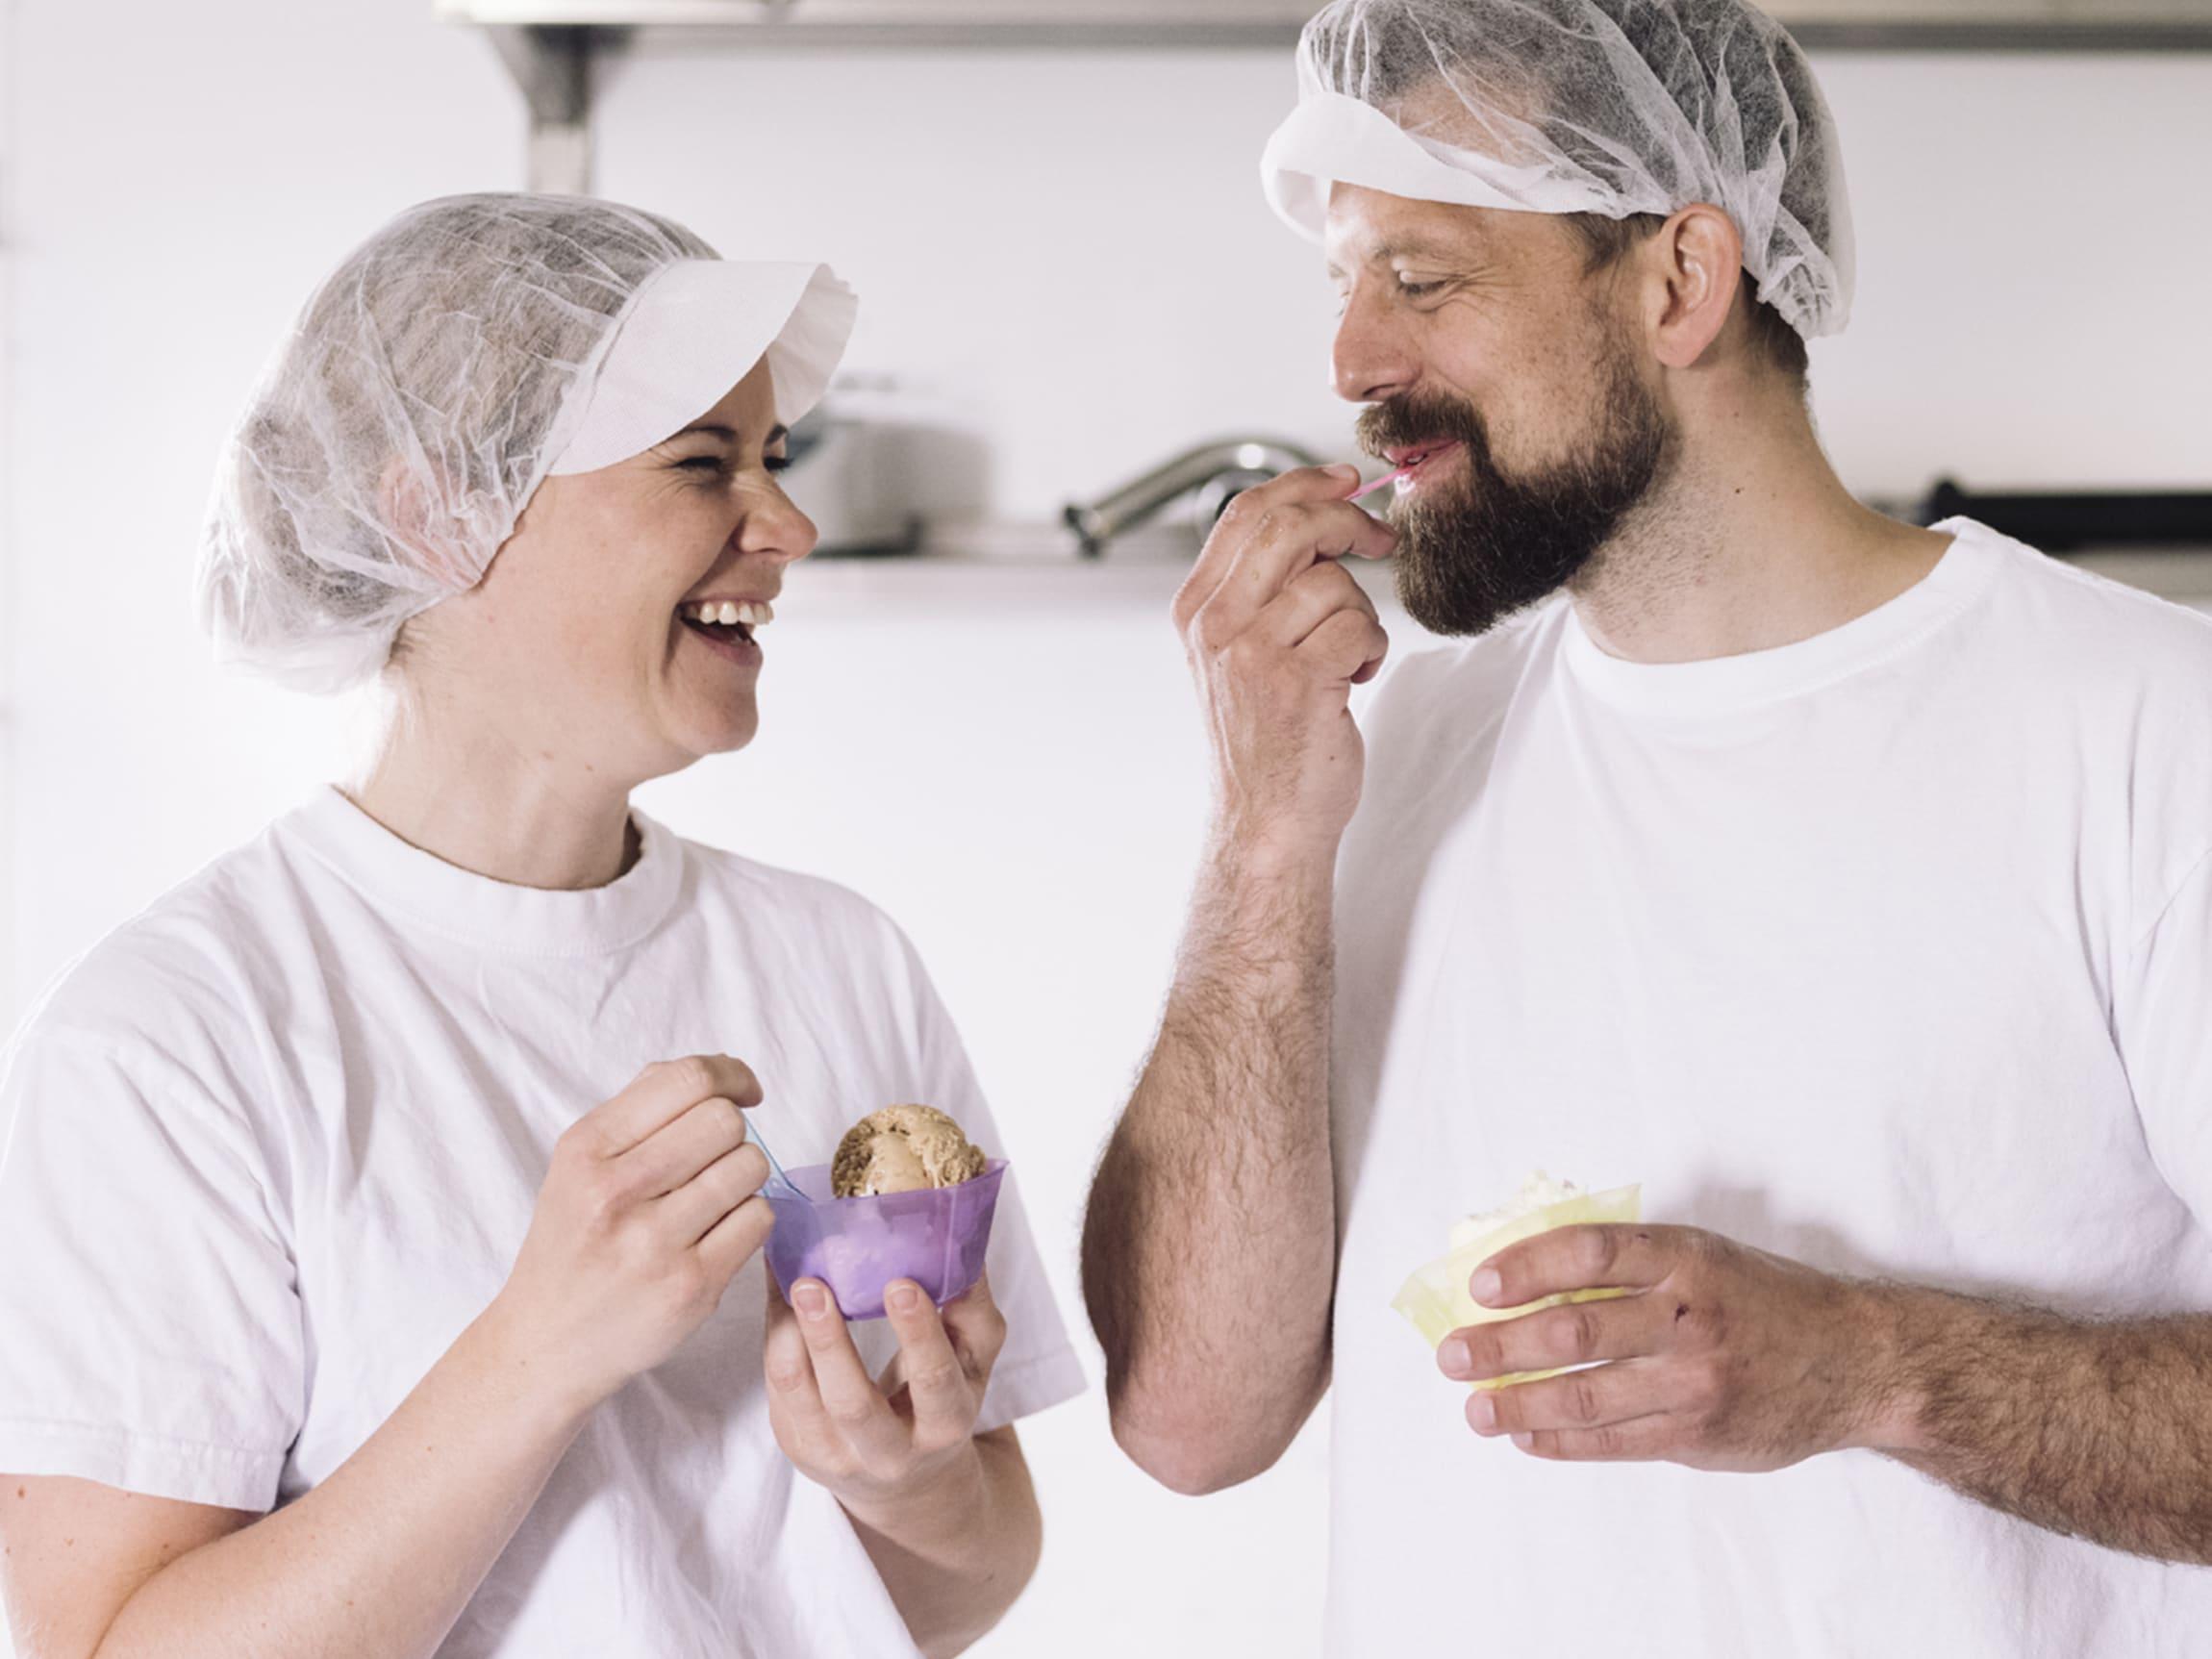 På Iskremgarden lages det iskrem av høy kvalitet med mange spennende smaker - og de produserer også Jacobs Utvalgte iskrem.